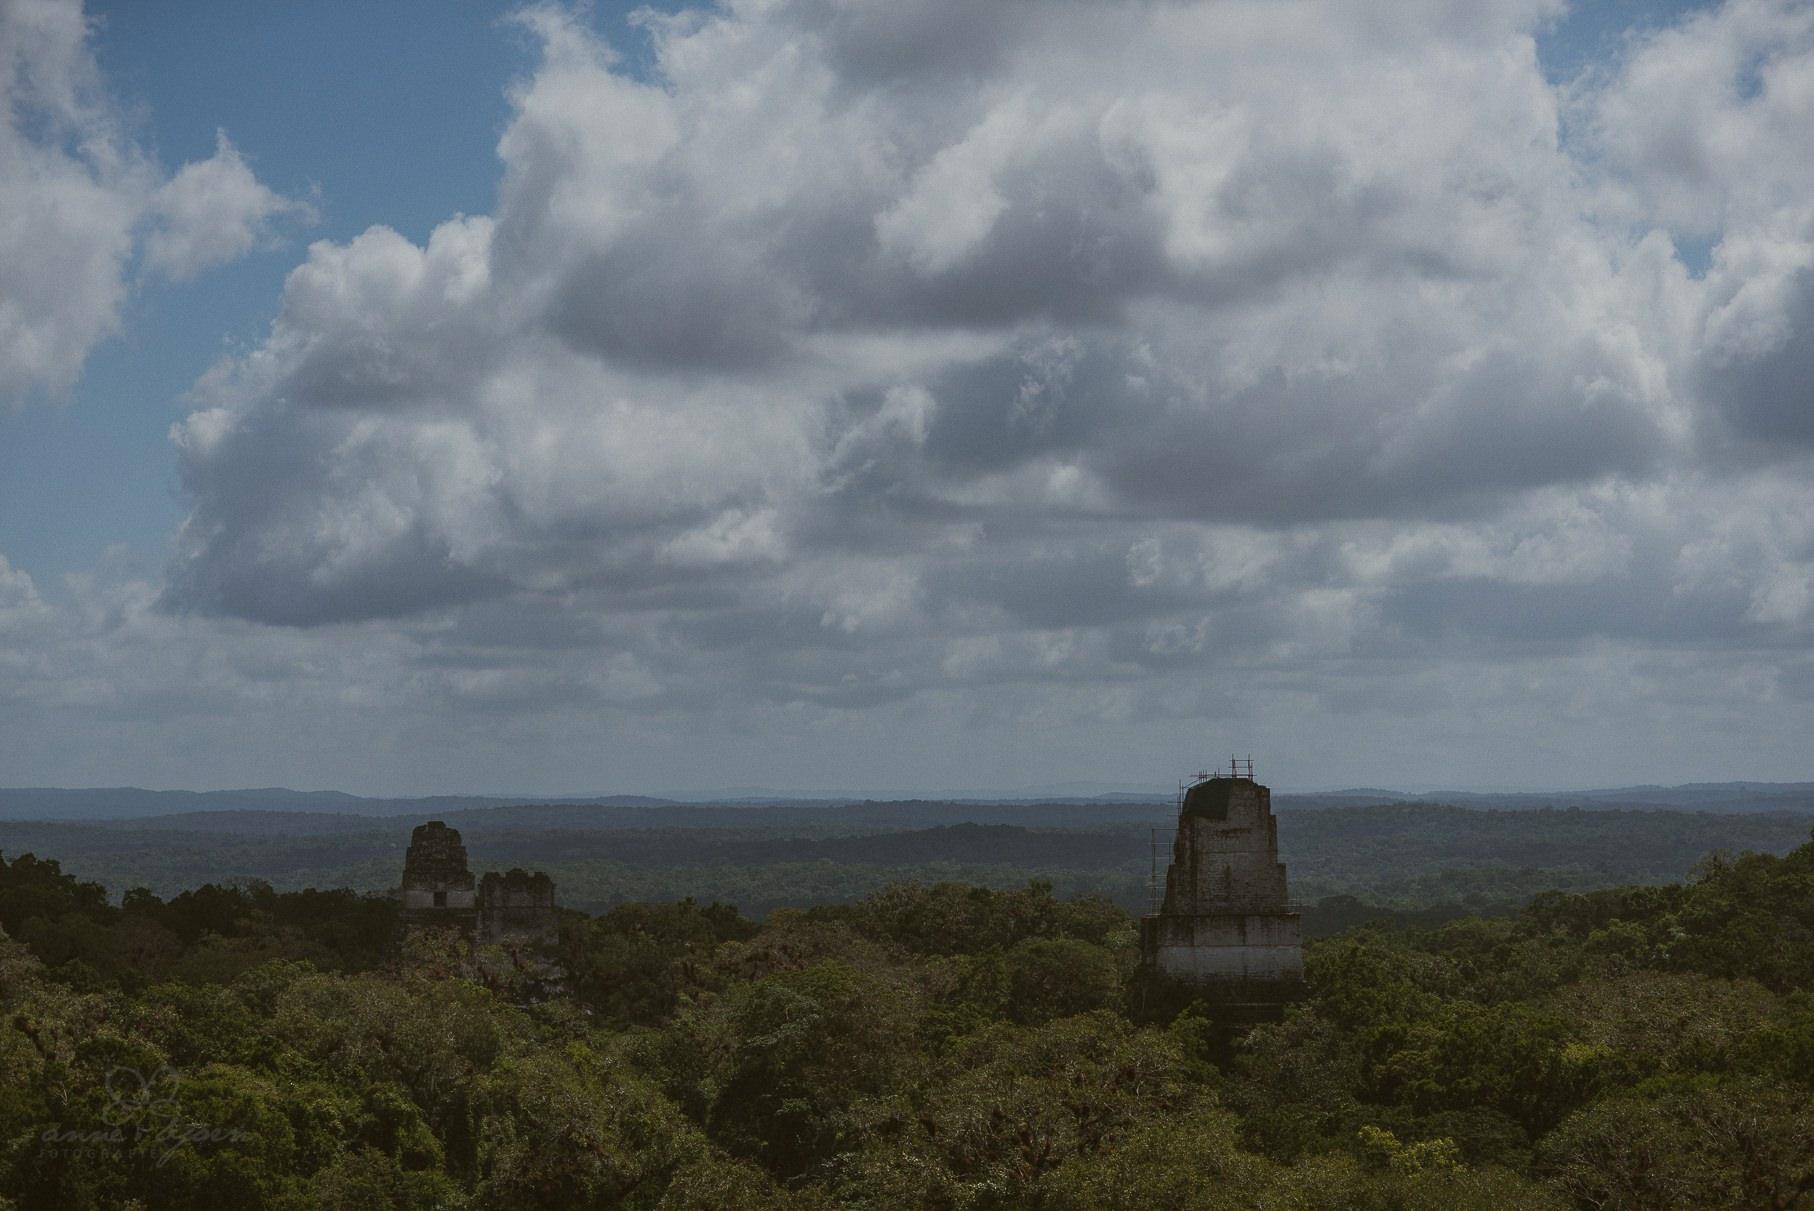 0216 anne und bjoern guatemala 811 4074 - 4 Wochen durch Guatemala - backpacking durch Mittelamerika